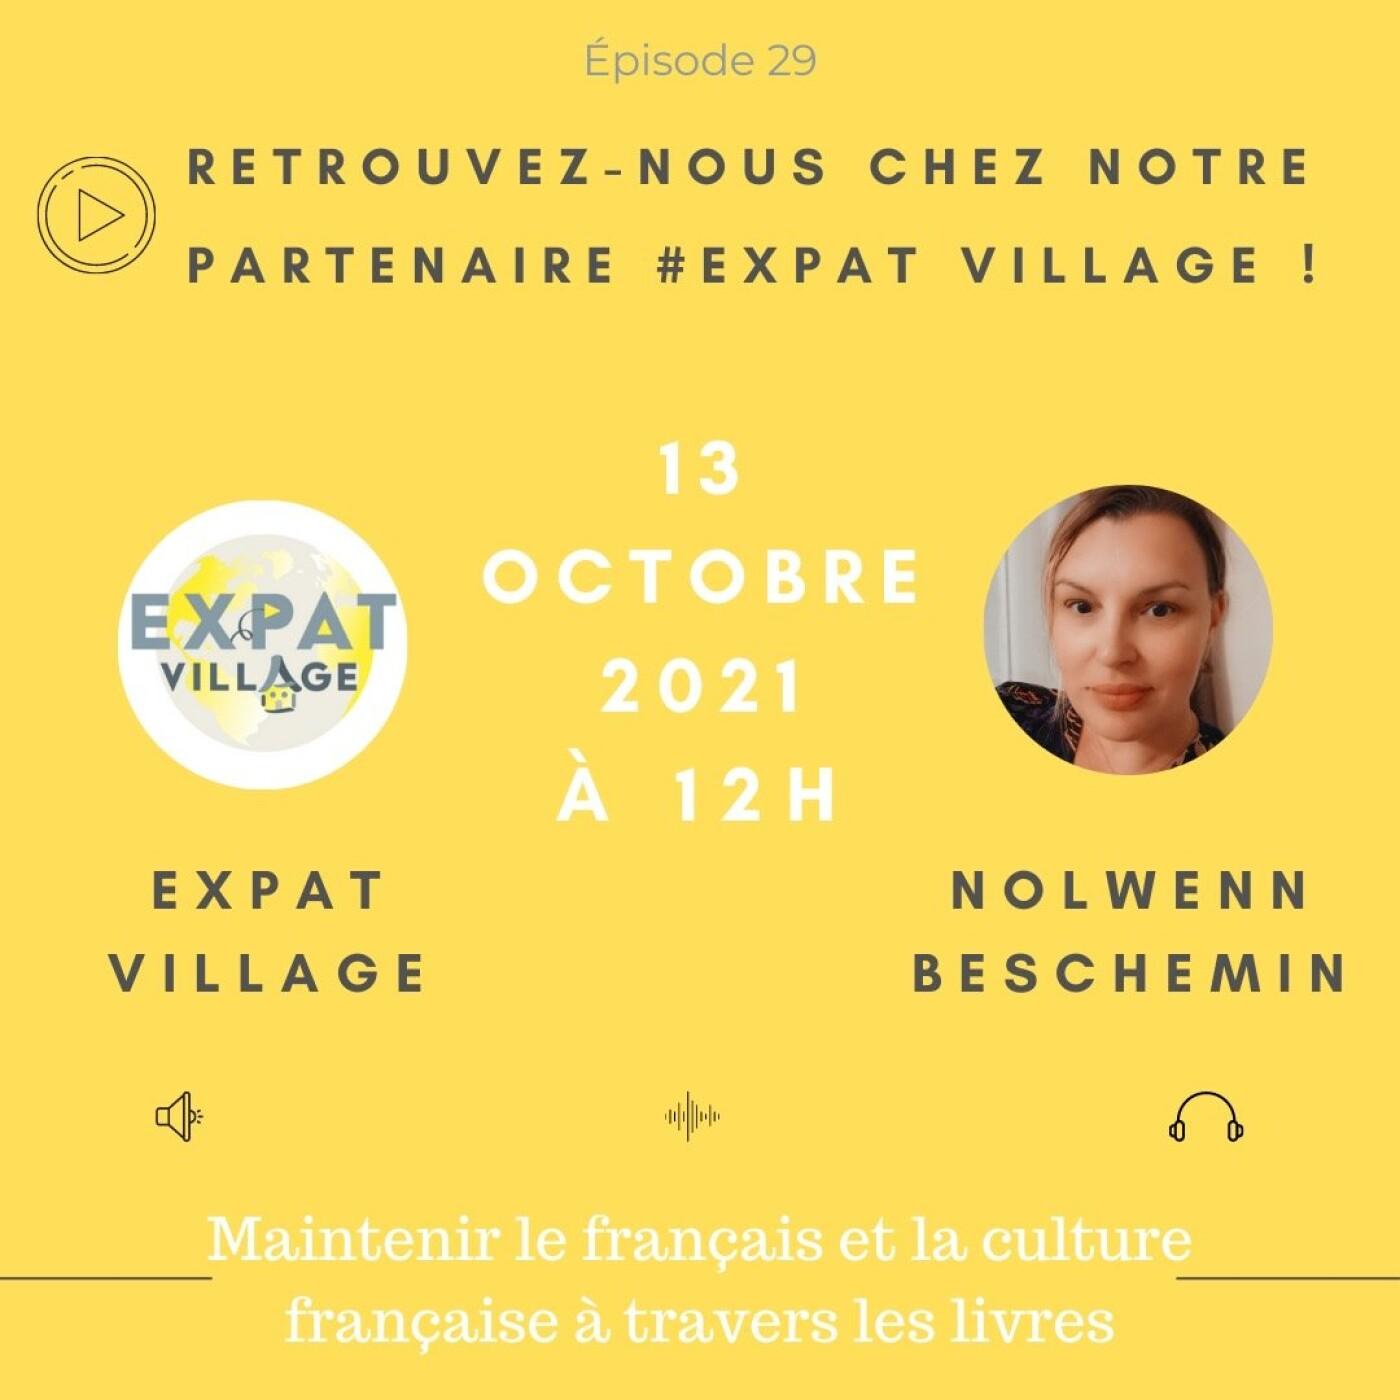 Nolween donne des conseils pour maintenir le Français et sa culture à travers les livres - 14 10 2021 - StereoChic Radio